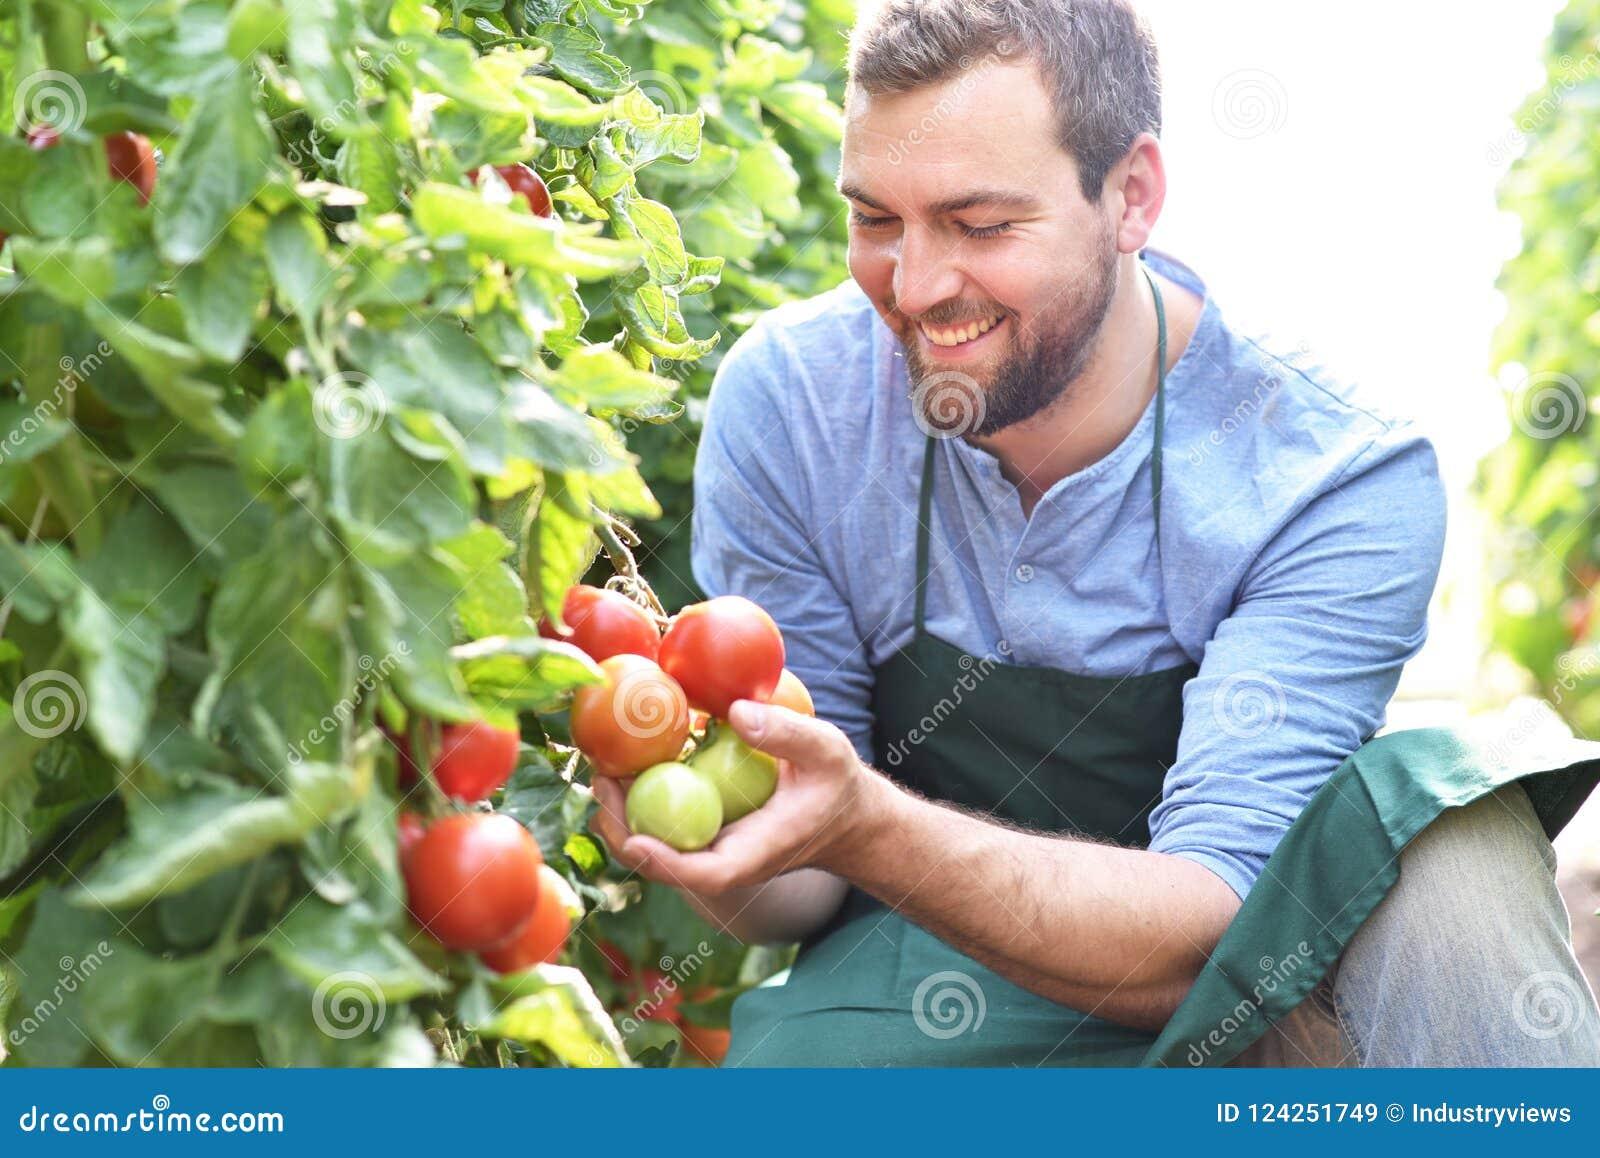 Växande tomater för lycklig bonde i ett växthus